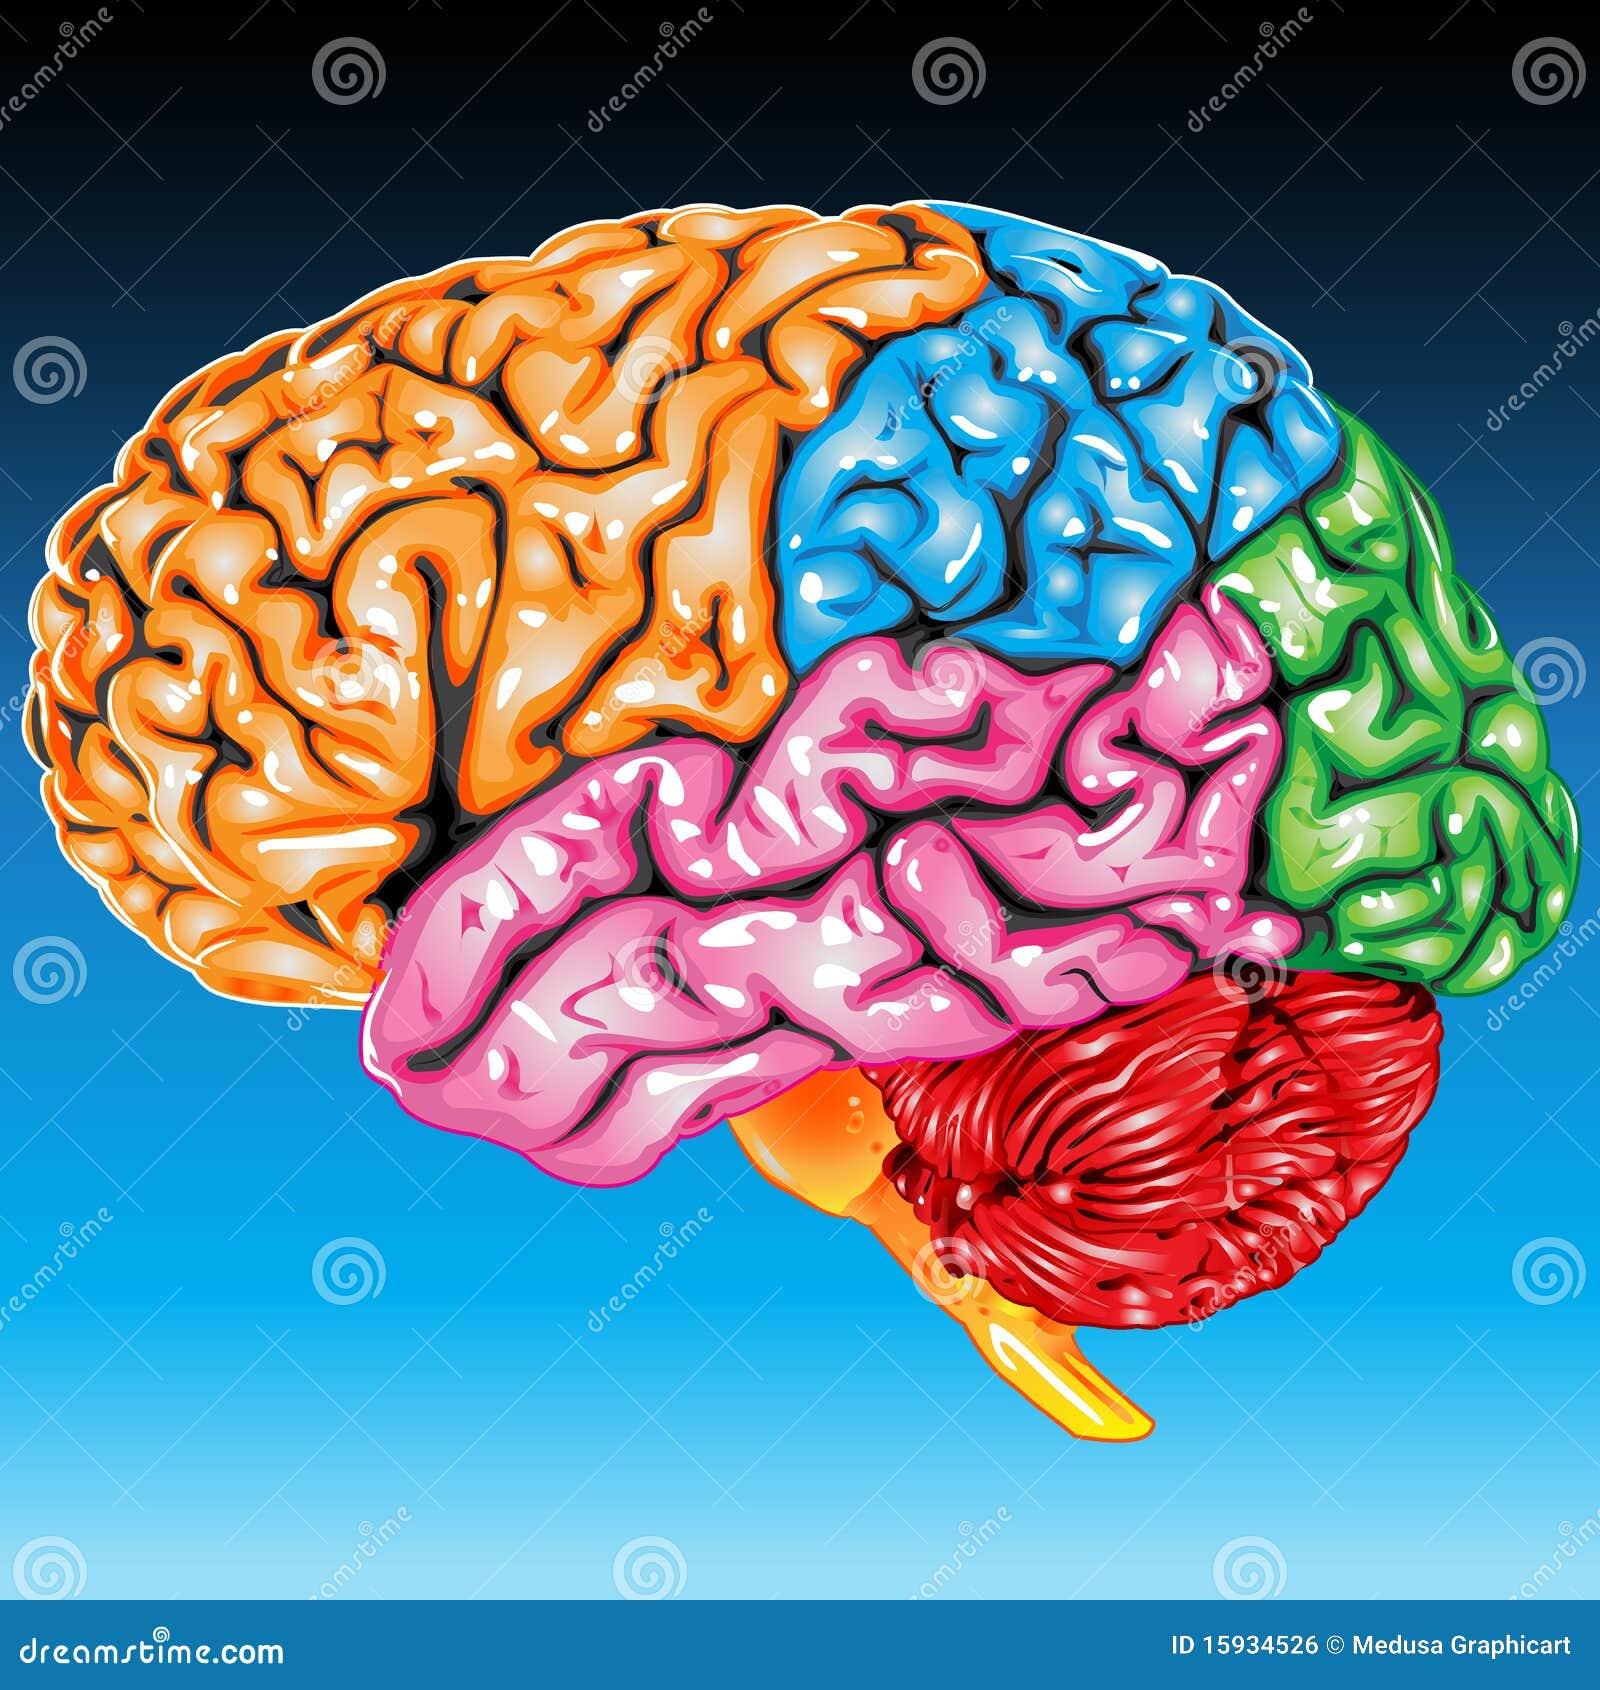 Opinión del lateral del cerebro humano